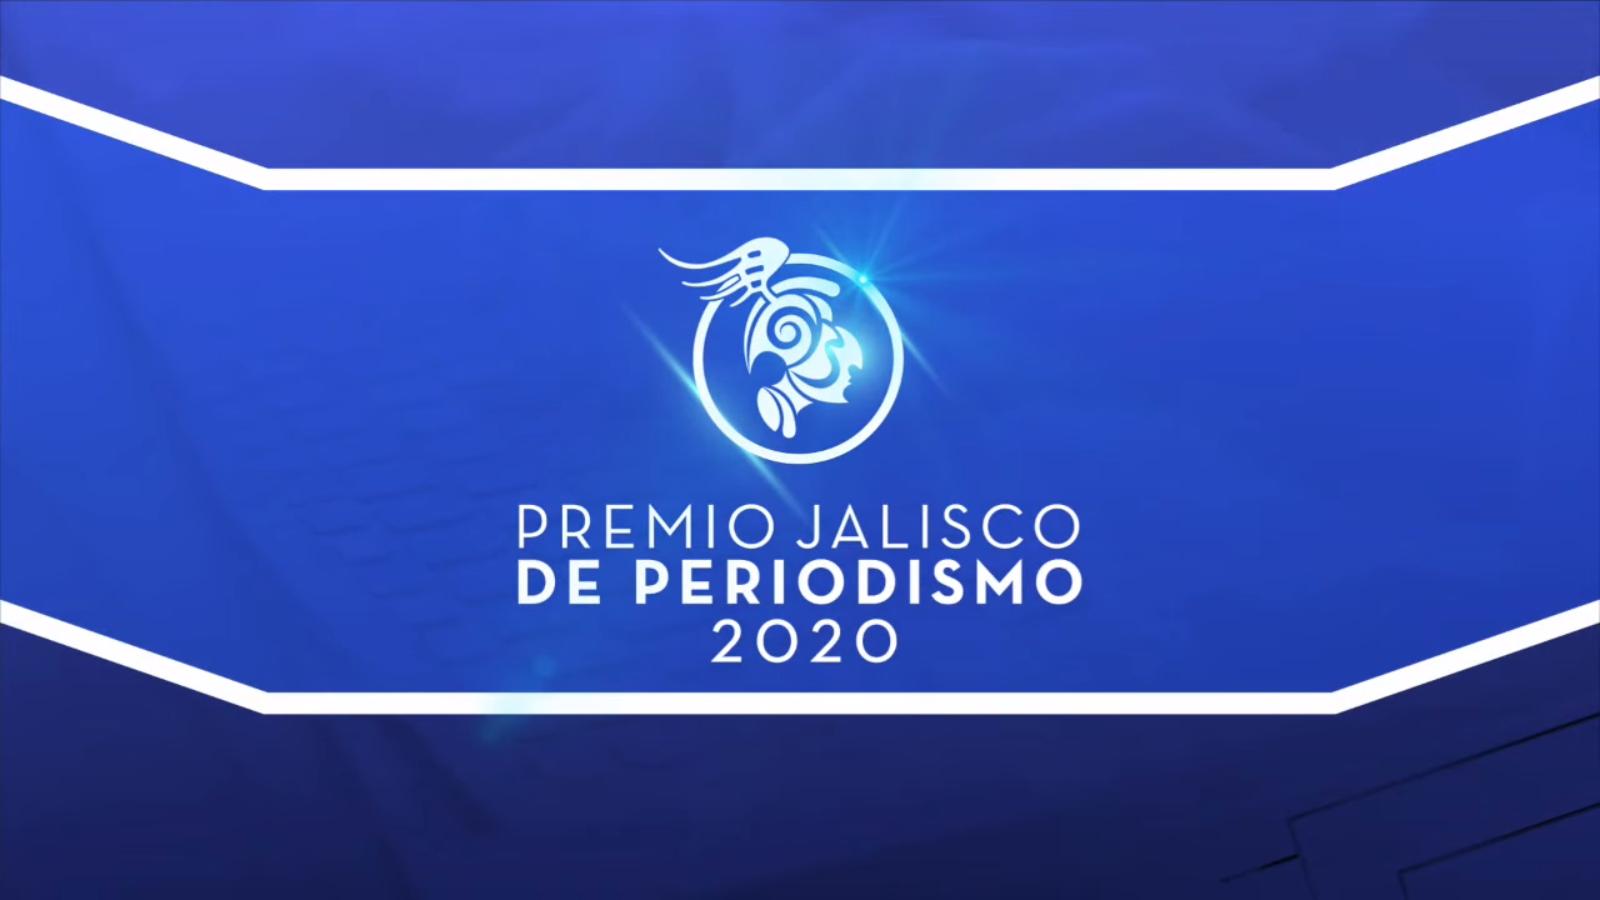 Dan a conocer a los ganadores de la edición 2020, cuya ceremonia de premiación se realizará el próximo 10 de diciembre